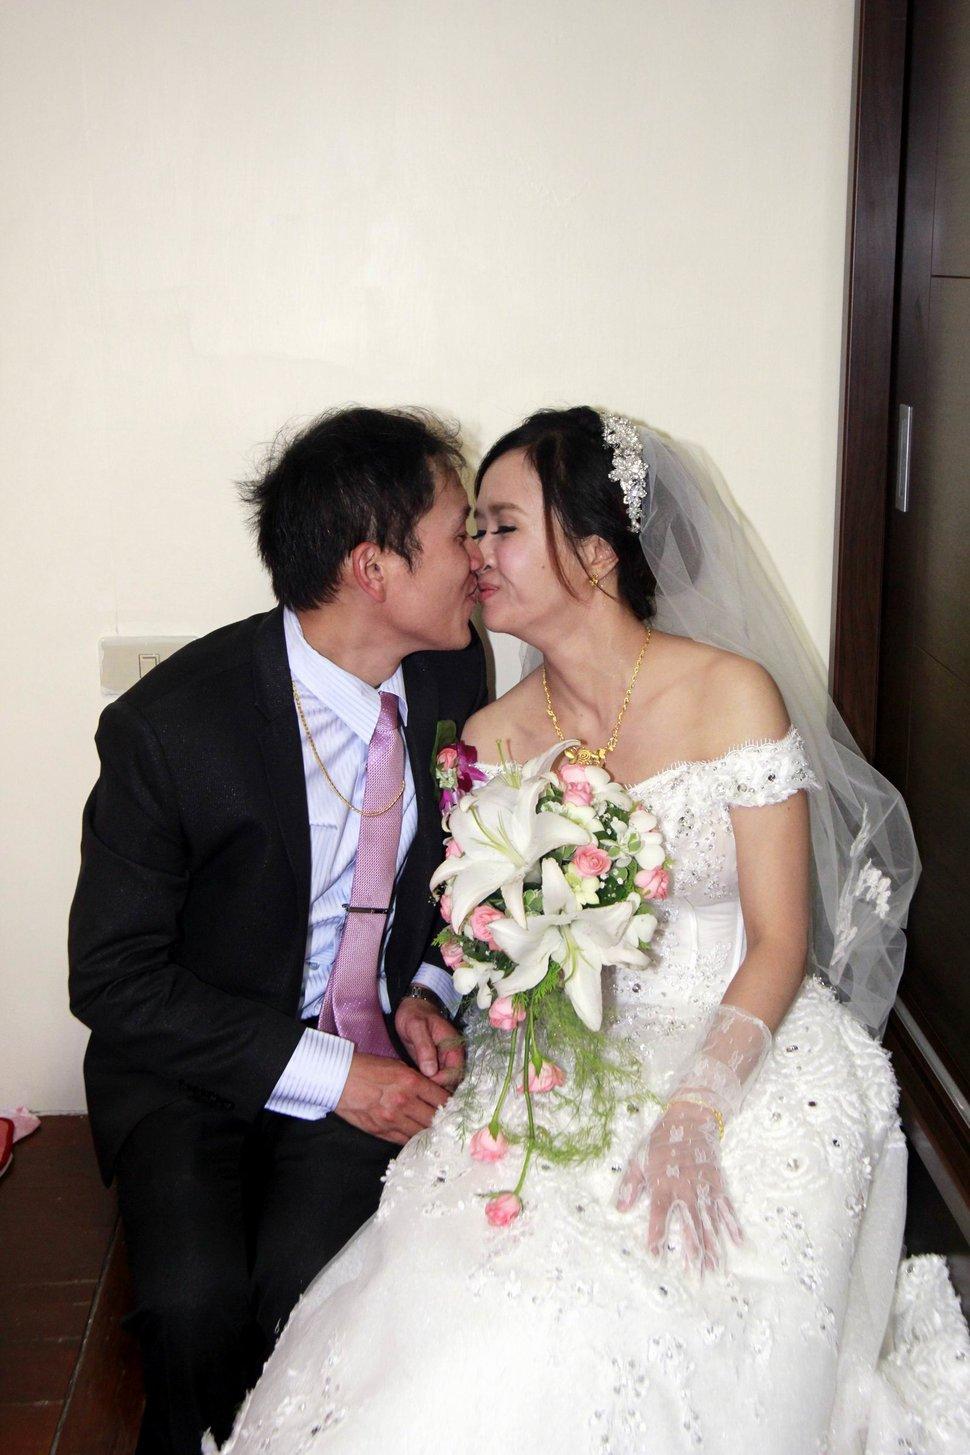 永和易牙居婚宴廣場宴會廳婚婚禮記錄結婚迎娶婚禮記錄動態微電影錄影專業錄影平面攝影婚攝婚禮(編號:213064) - 蜜月拍照10800錄影12800攝影團隊 - 結婚吧